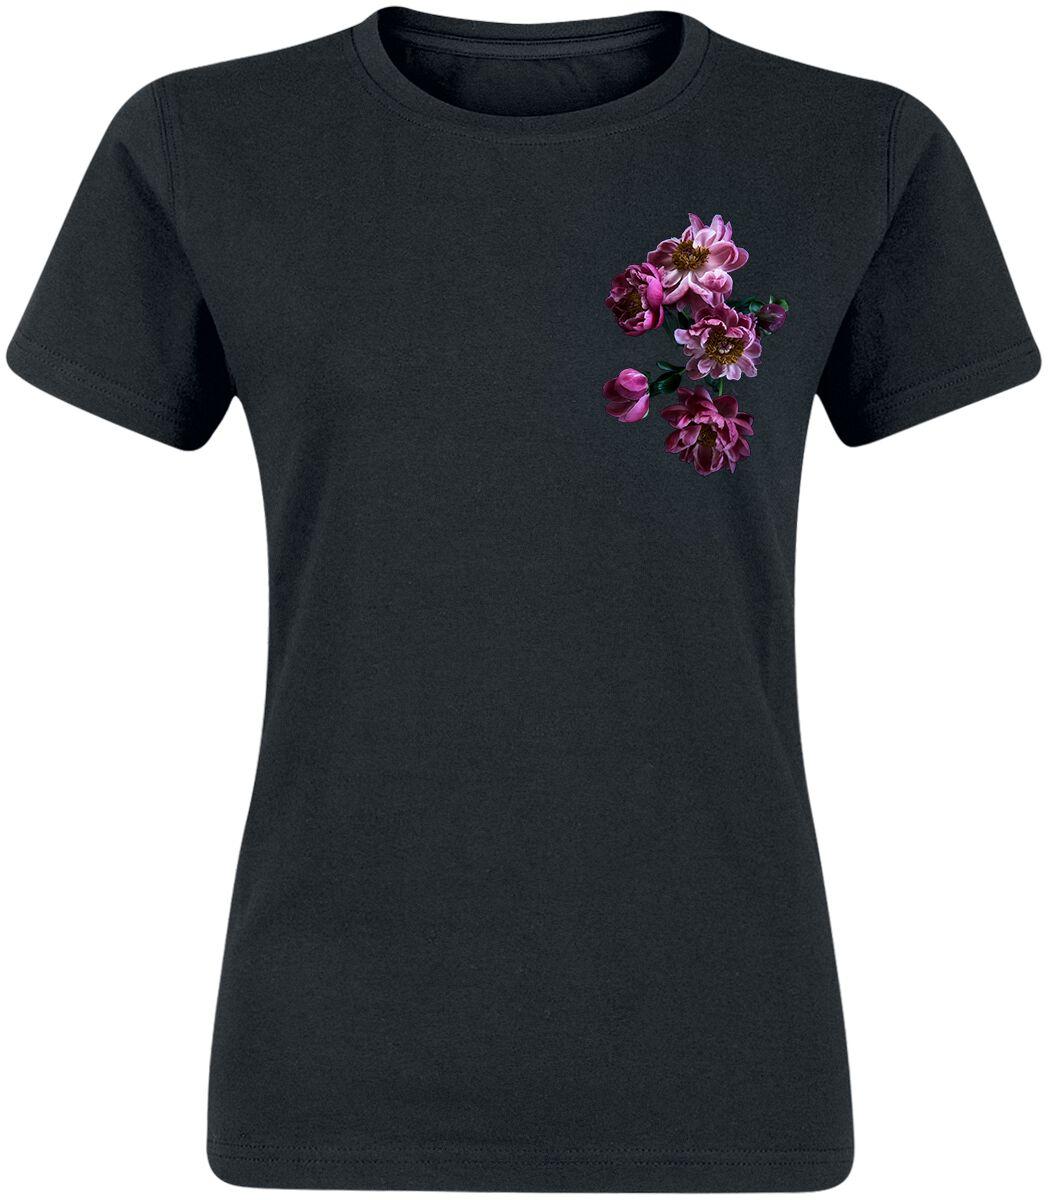 gingercat Pfingstrosen T-Shirt schwarz POD - FOTL VW - Pfingstrosen